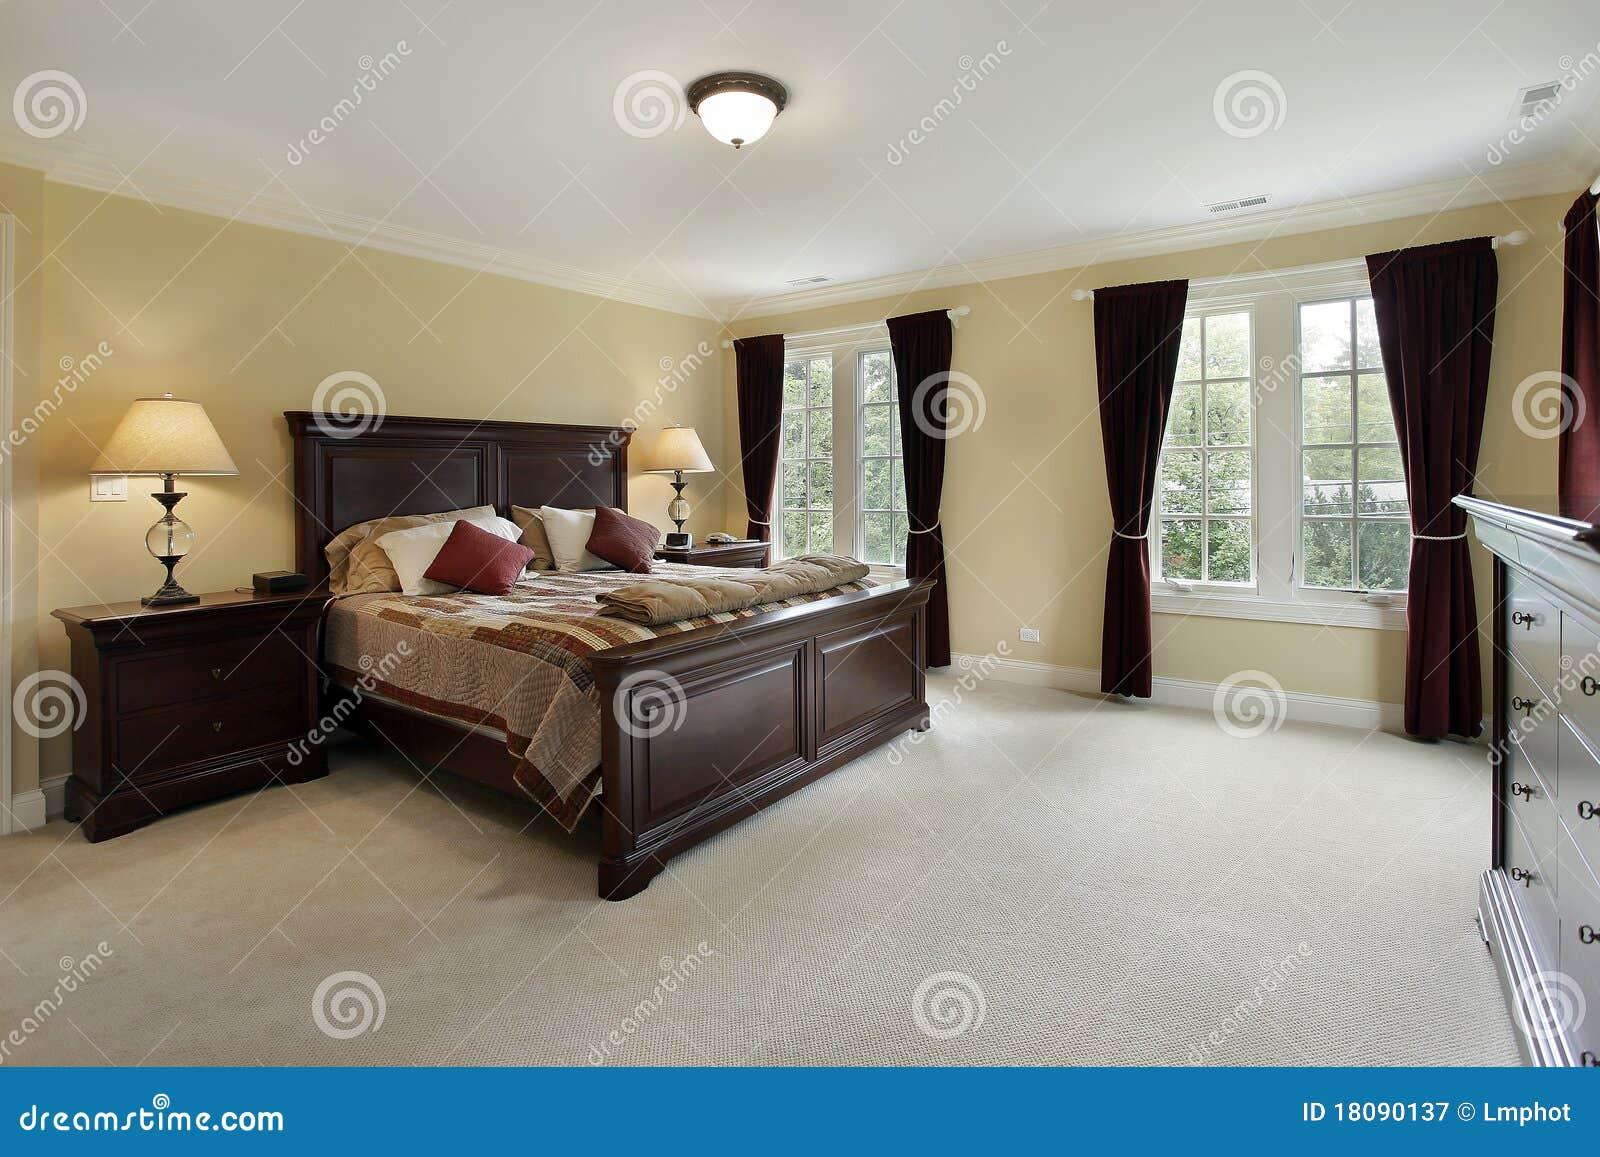 Dormitorio Principal Con Los Muebles De Caoba Imagen De Archivo  # Muebles De Caoba